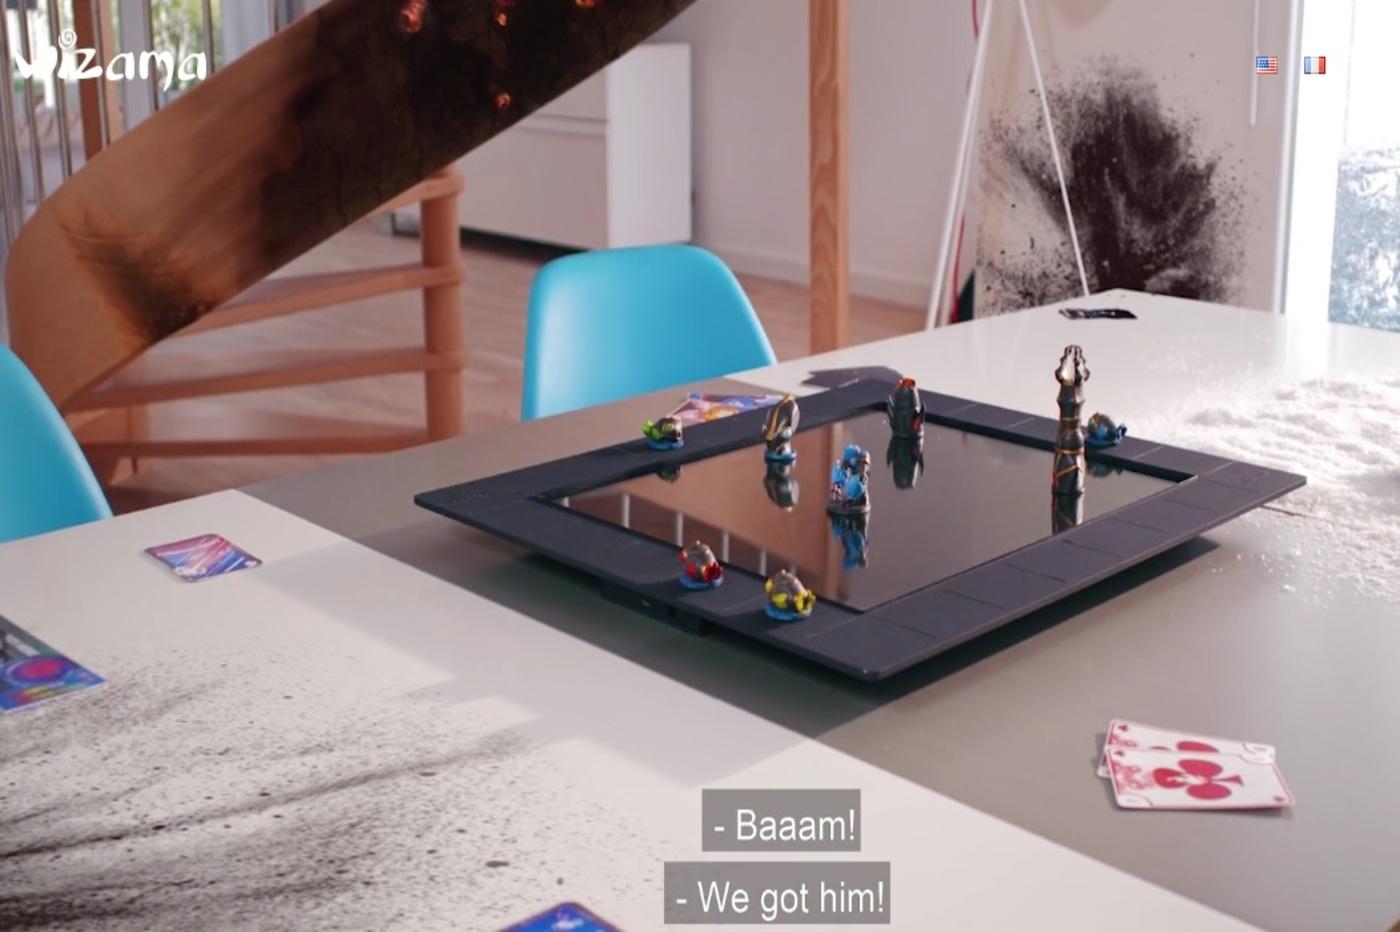 Wizama réinvente les jeux de société avec sa console SquareOne